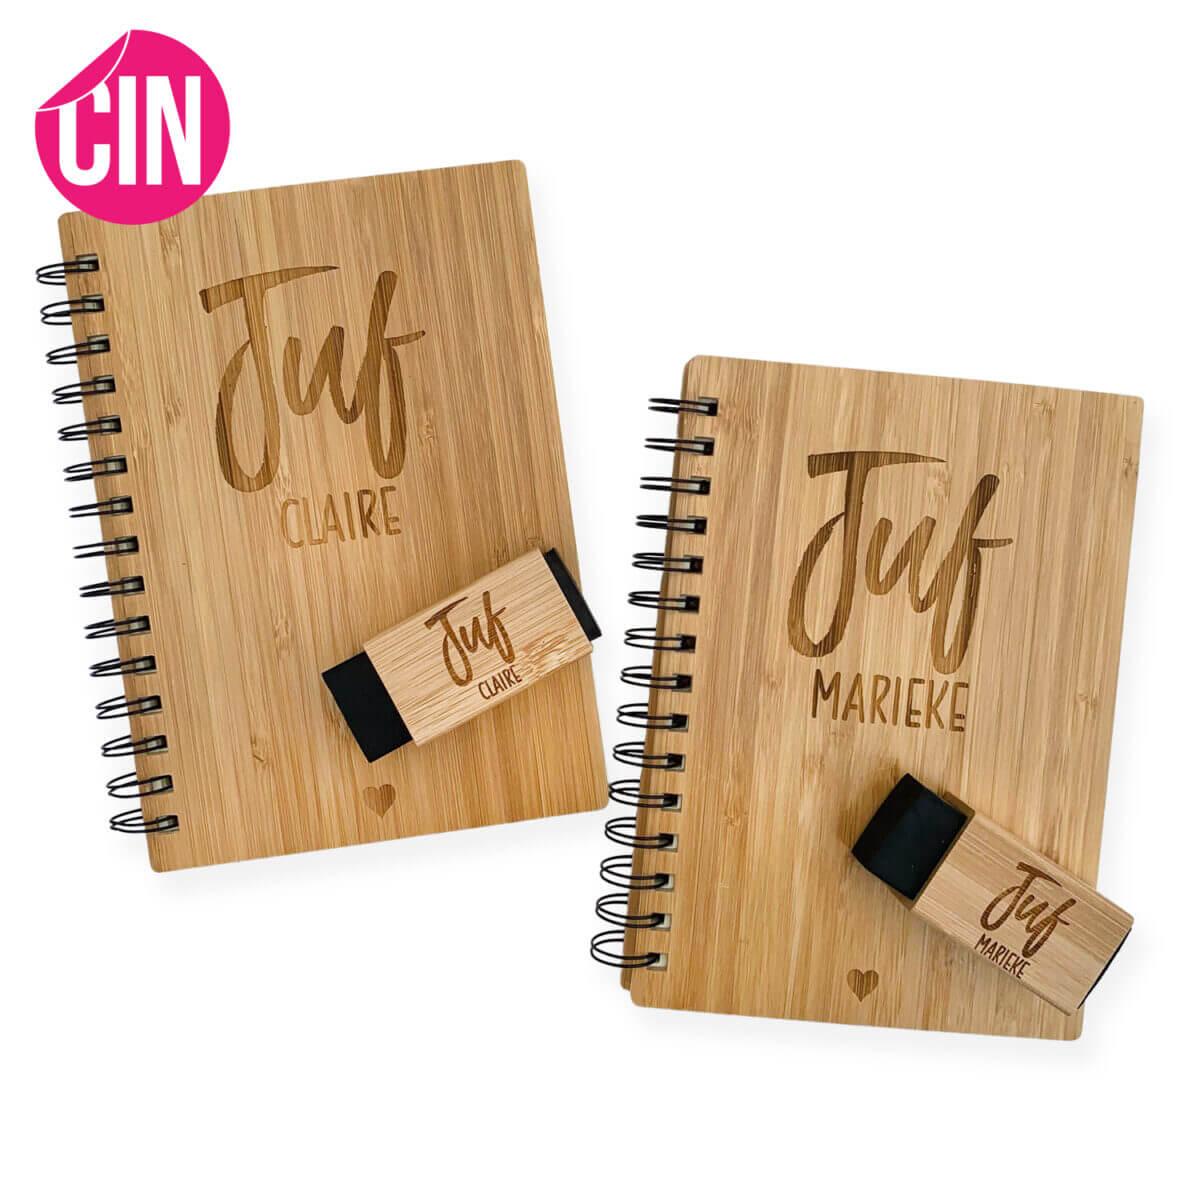 Persoonlijk notitieboek en gum Cindysigns